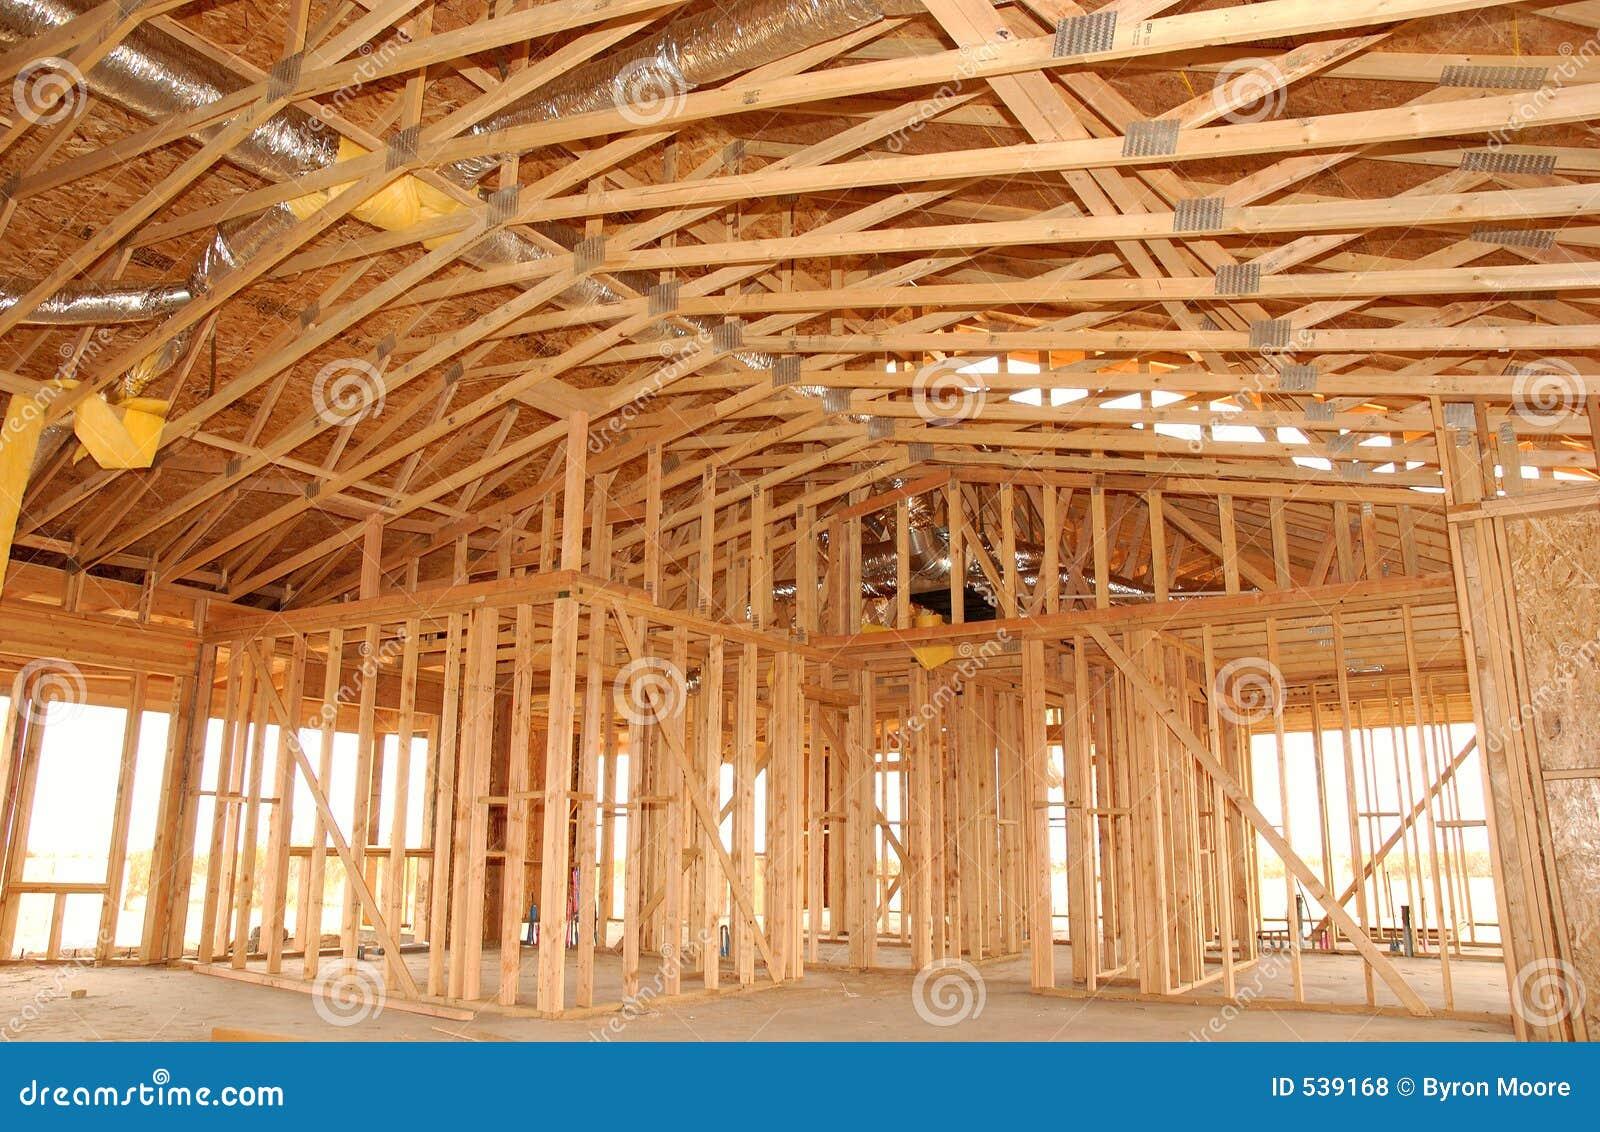 Download 房子 库存照片. 图片 包括有 挖掘, 租金, 采购, 框架, 贷款, 租赁资产, 编译, 改造, 地球, 批次 - 539168